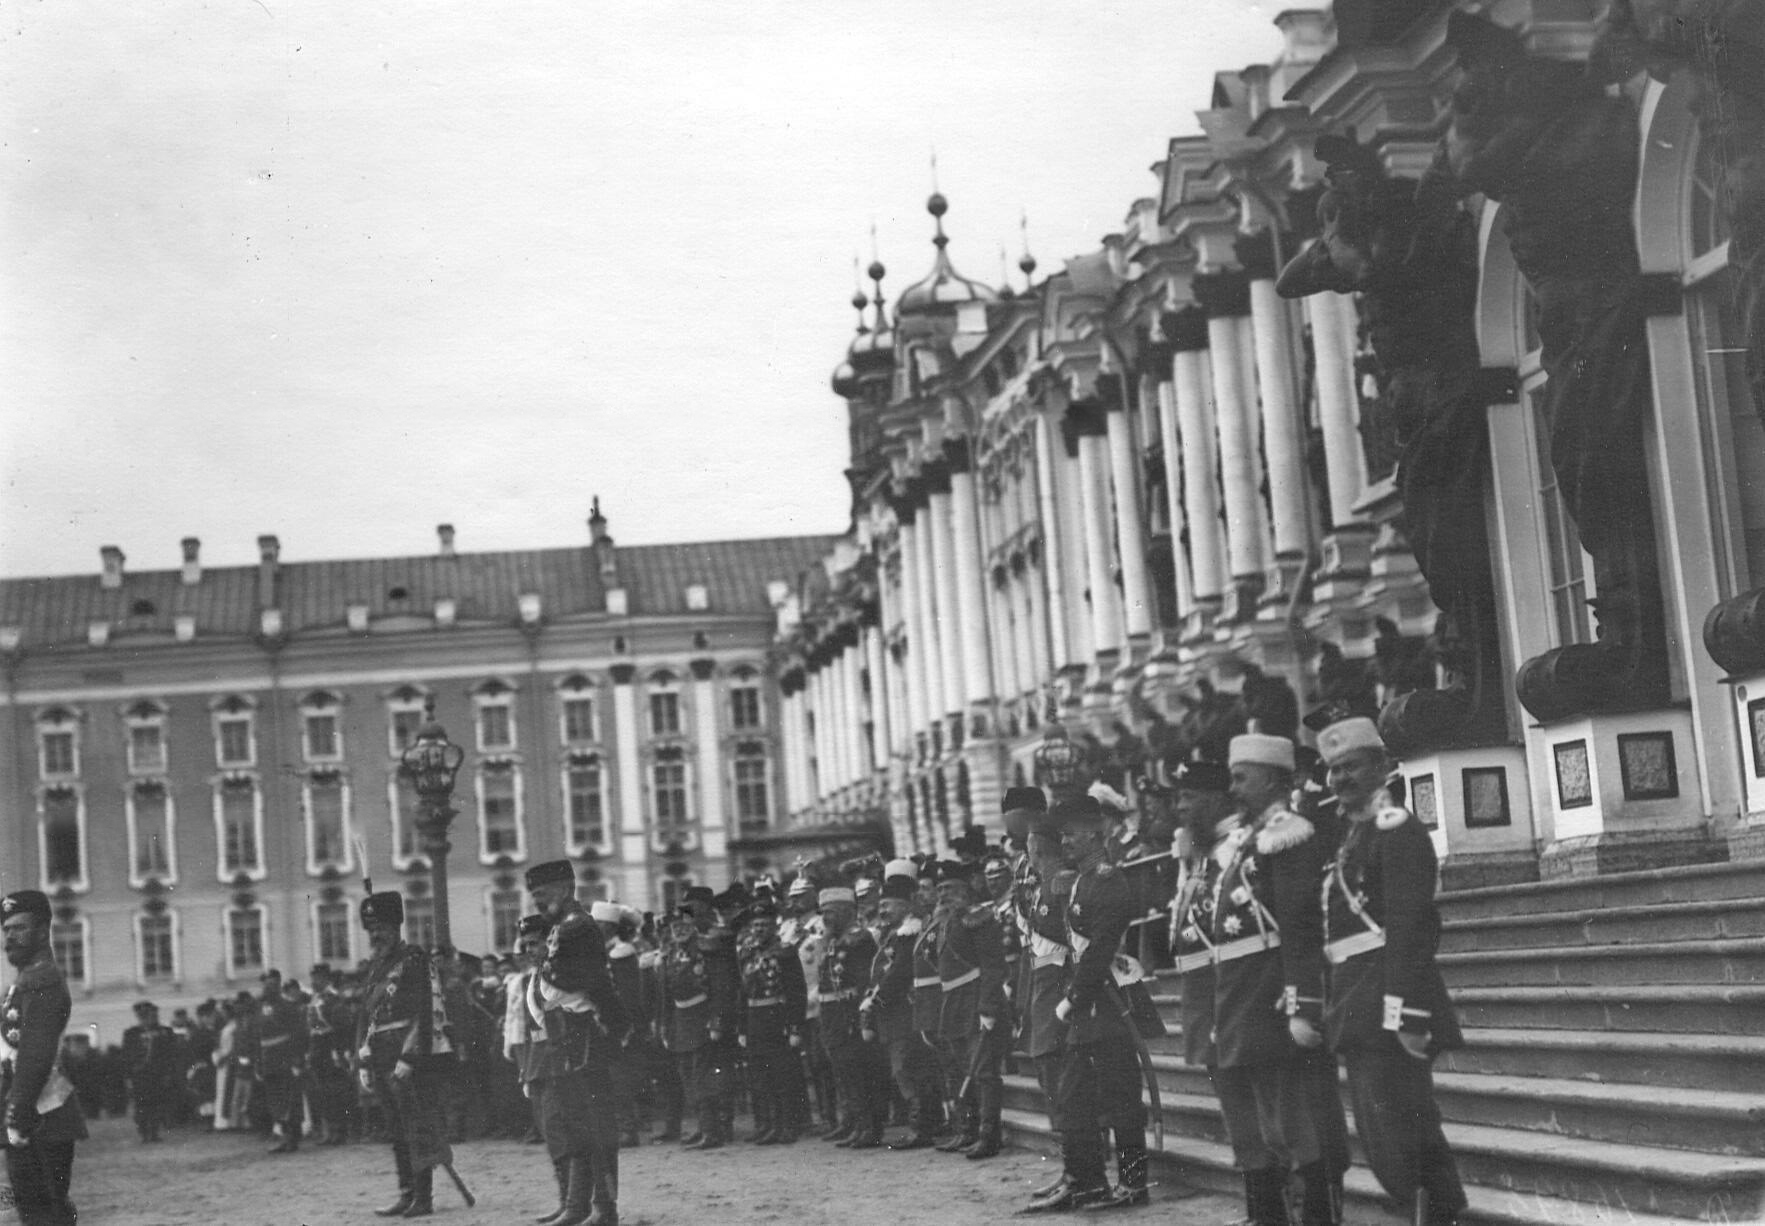 Император Николай II, великие князья и генералитет принимают парад 1-го и 2-го стрелковых батальонов у Екатерининского дворца.